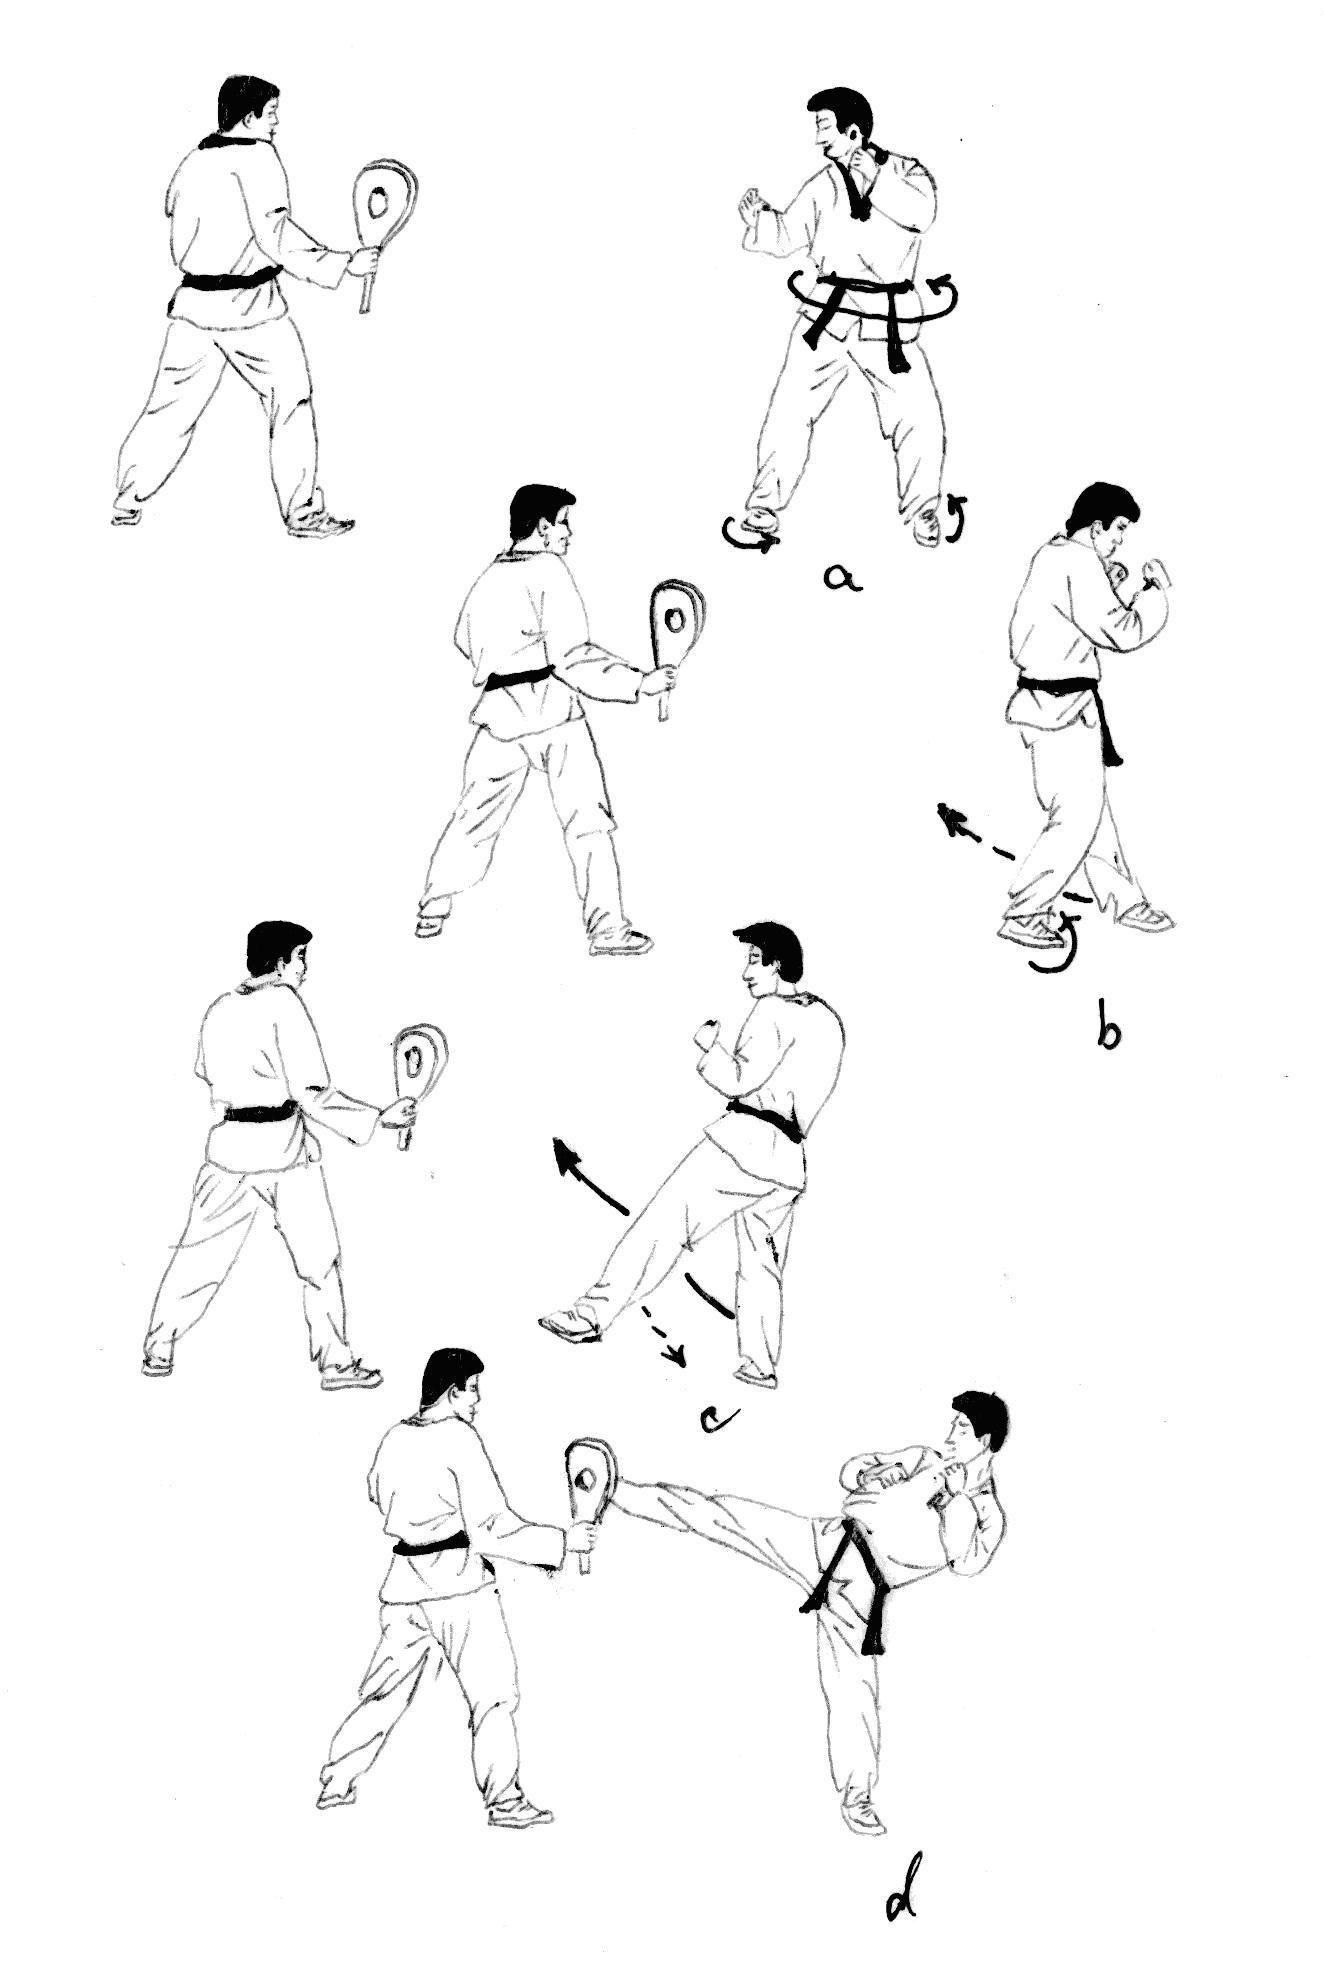 2018 Kicking Pad Double Target Tae Kwon Do Karate